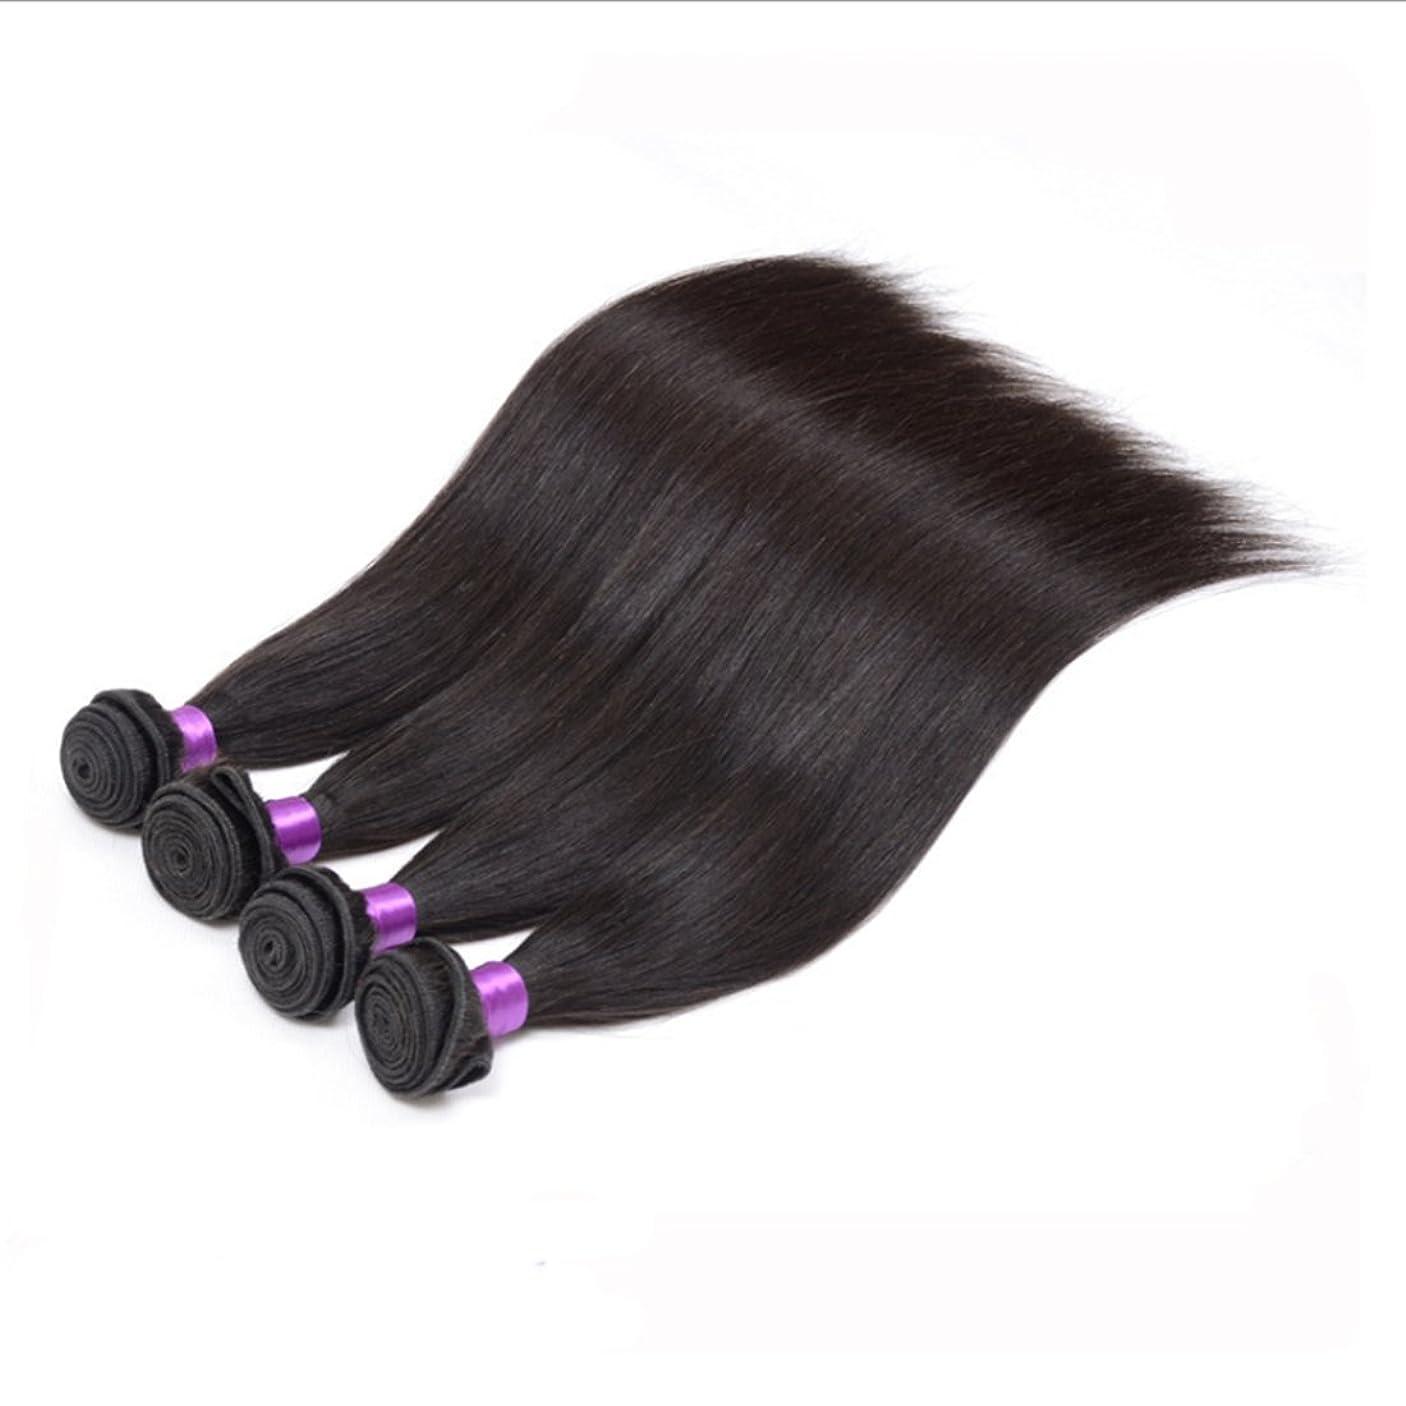 ワーム本体ストローBOBIDYEE 本当に人間の髪の毛の毛髪のかつら人毛ウィッグかつら8?21インチストレートヘア(1バンドル)のかつら本物のかつらロールウィッグロールプレイングかつら (サイズ : 14inch)